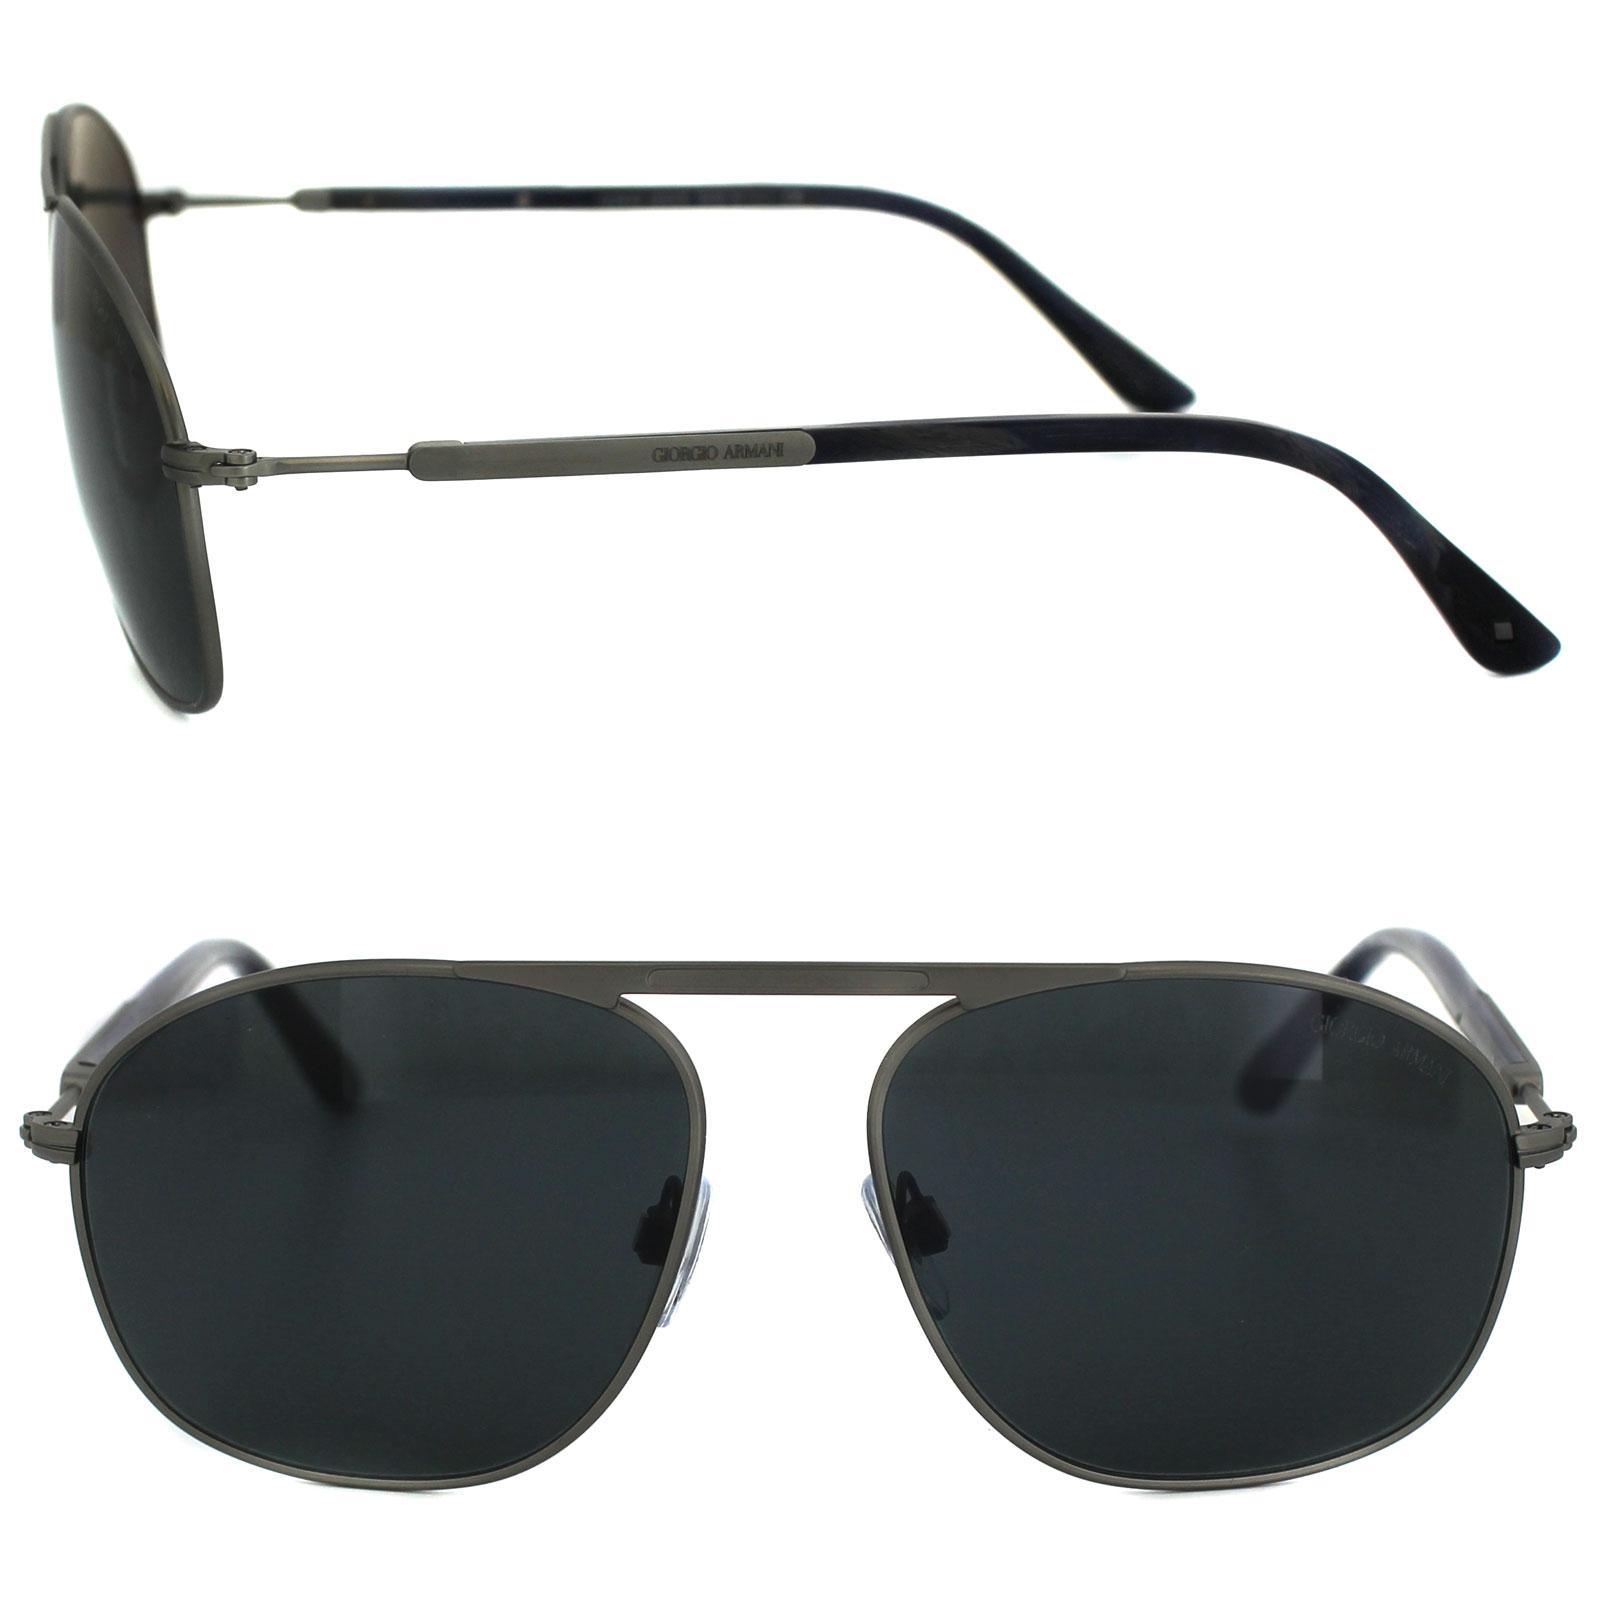 2baf0badd9a3 Giorgio Armani AR6015 Sunglasses Thumbnail 1 Giorgio Armani AR6015  Sunglasses Thumbnail 2 ...